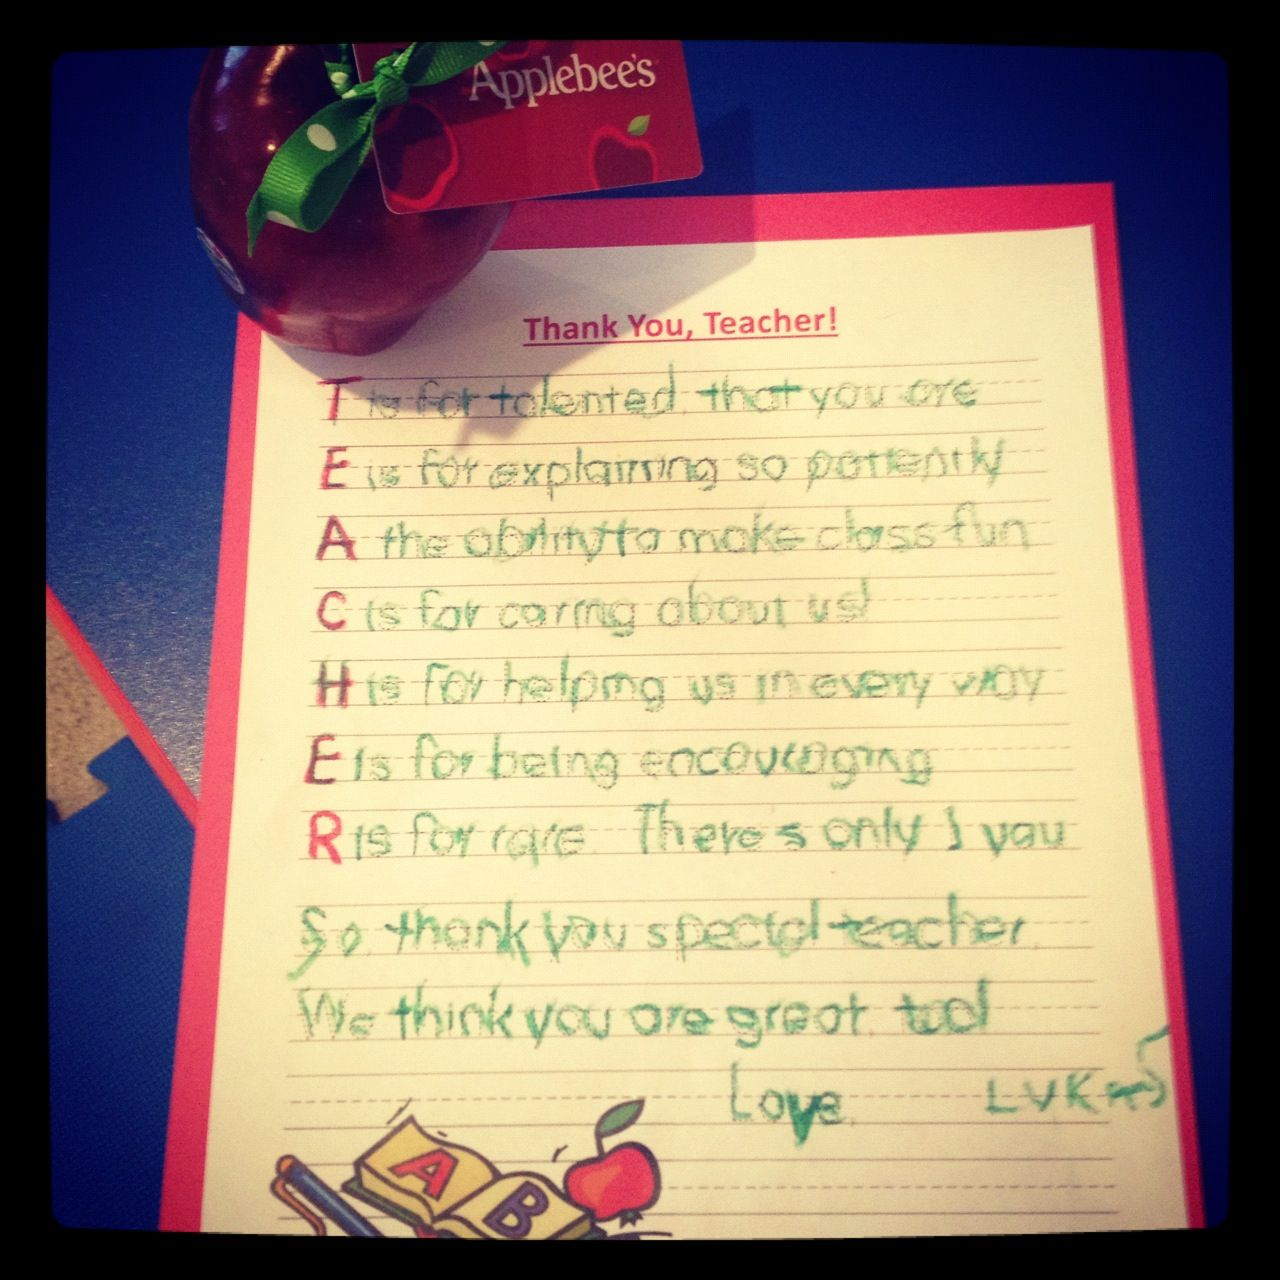 teacher appreciation day cute letter to teacher an apple teacher appreciation day cute letter to teacher an apple applebee s gift